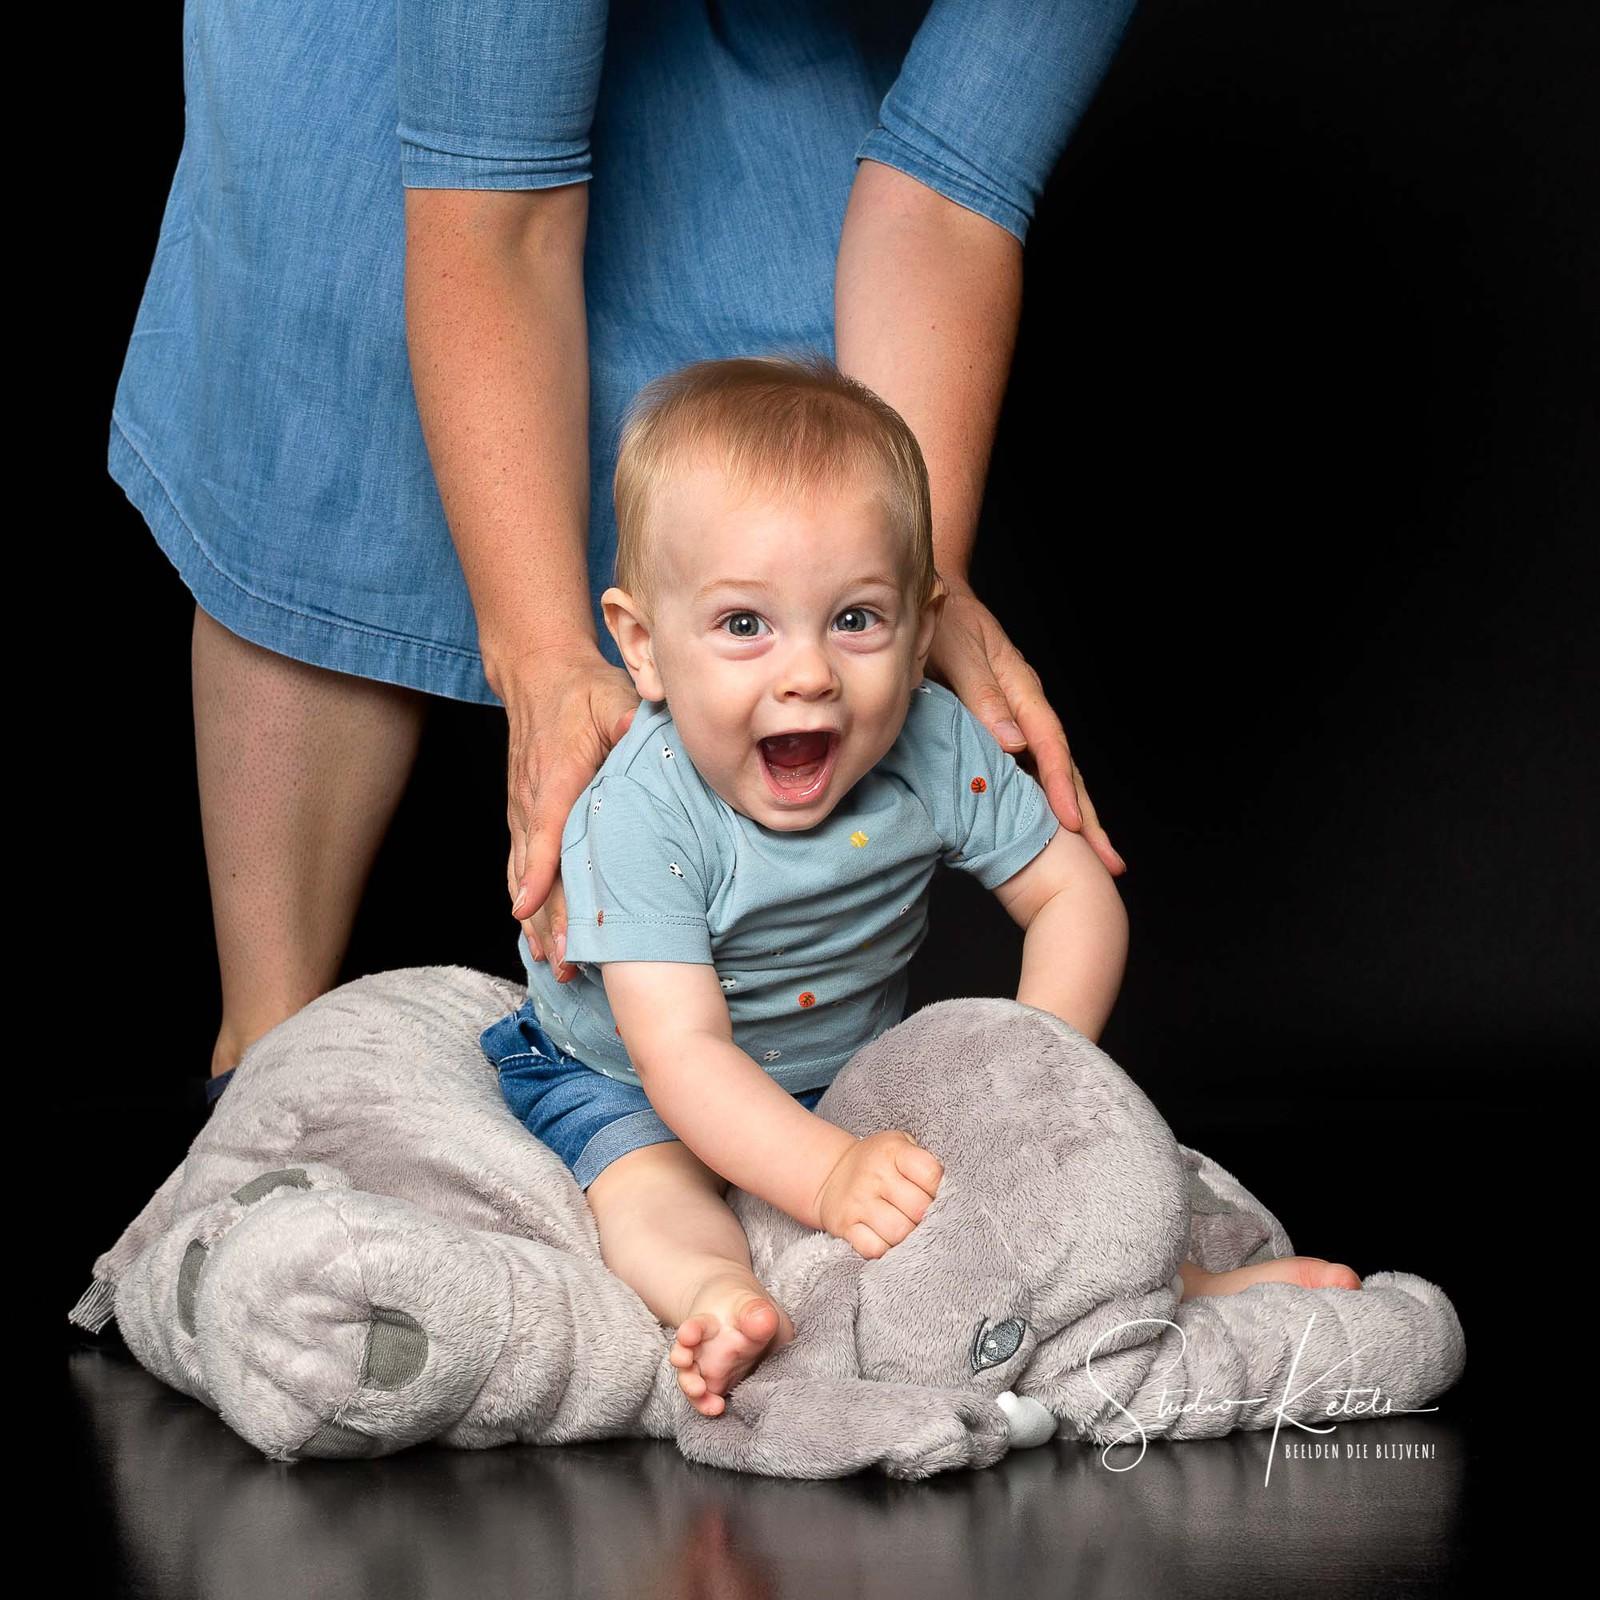 portret van een vrolijk lachende baby, die bovenop een knuffel-olifant wordt gezet. hij giert het uit en kijkt recht in de lens. portret door studio ketels